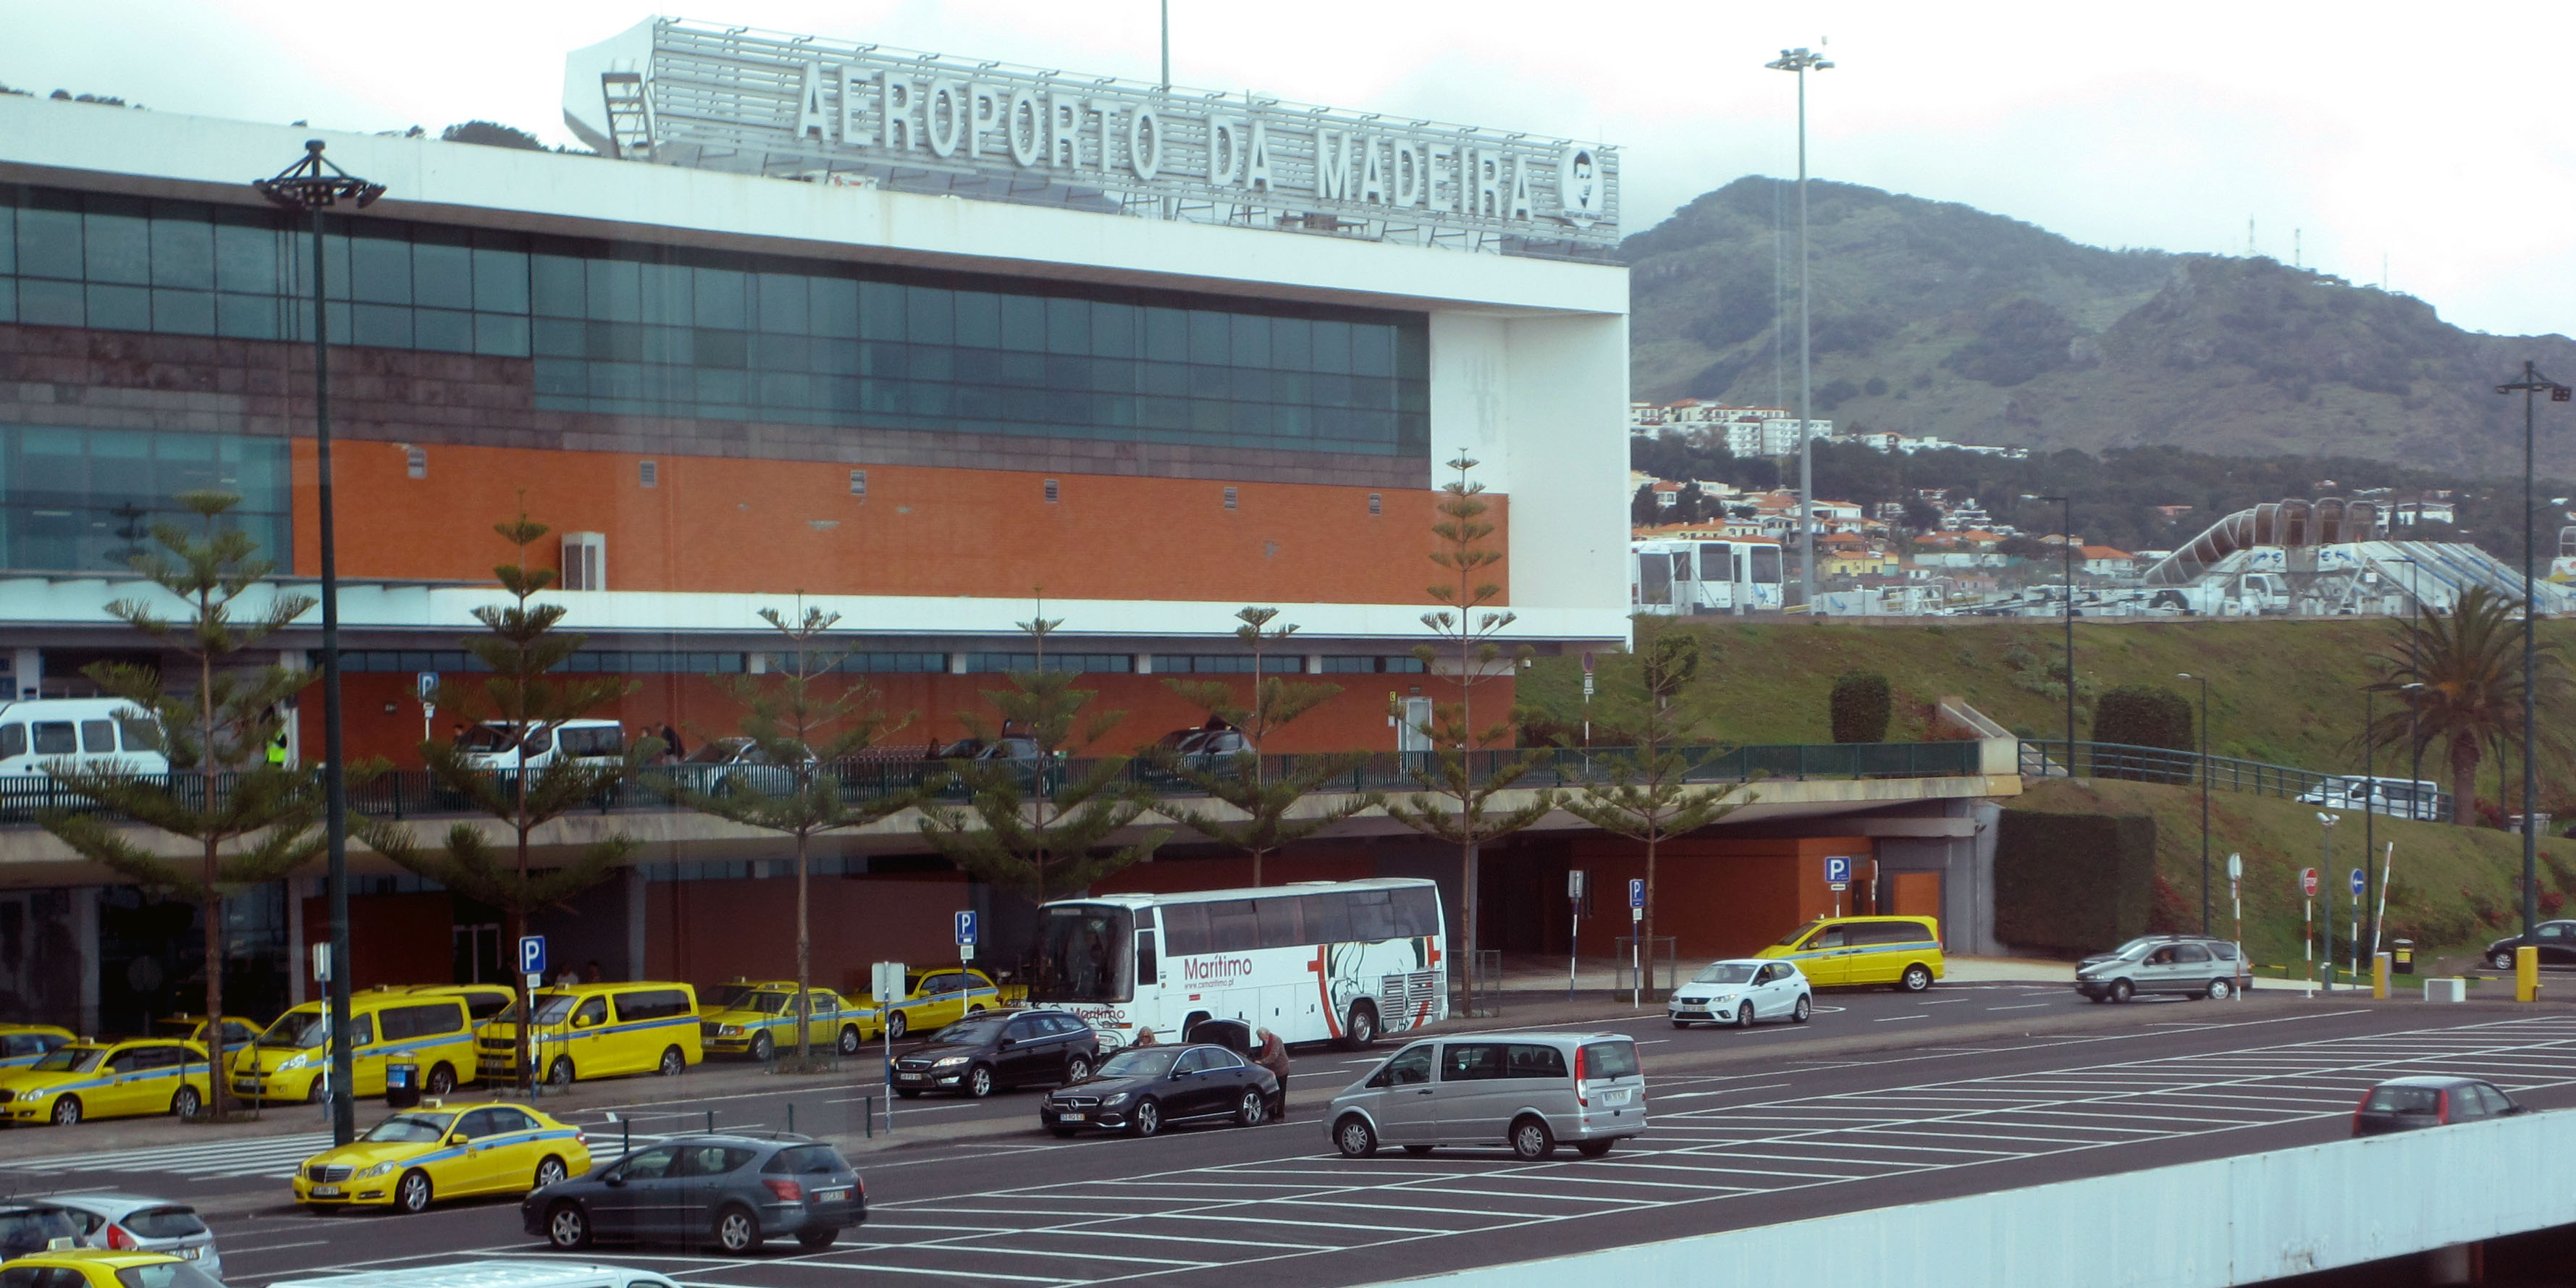 Anreise Flughafen Madeira